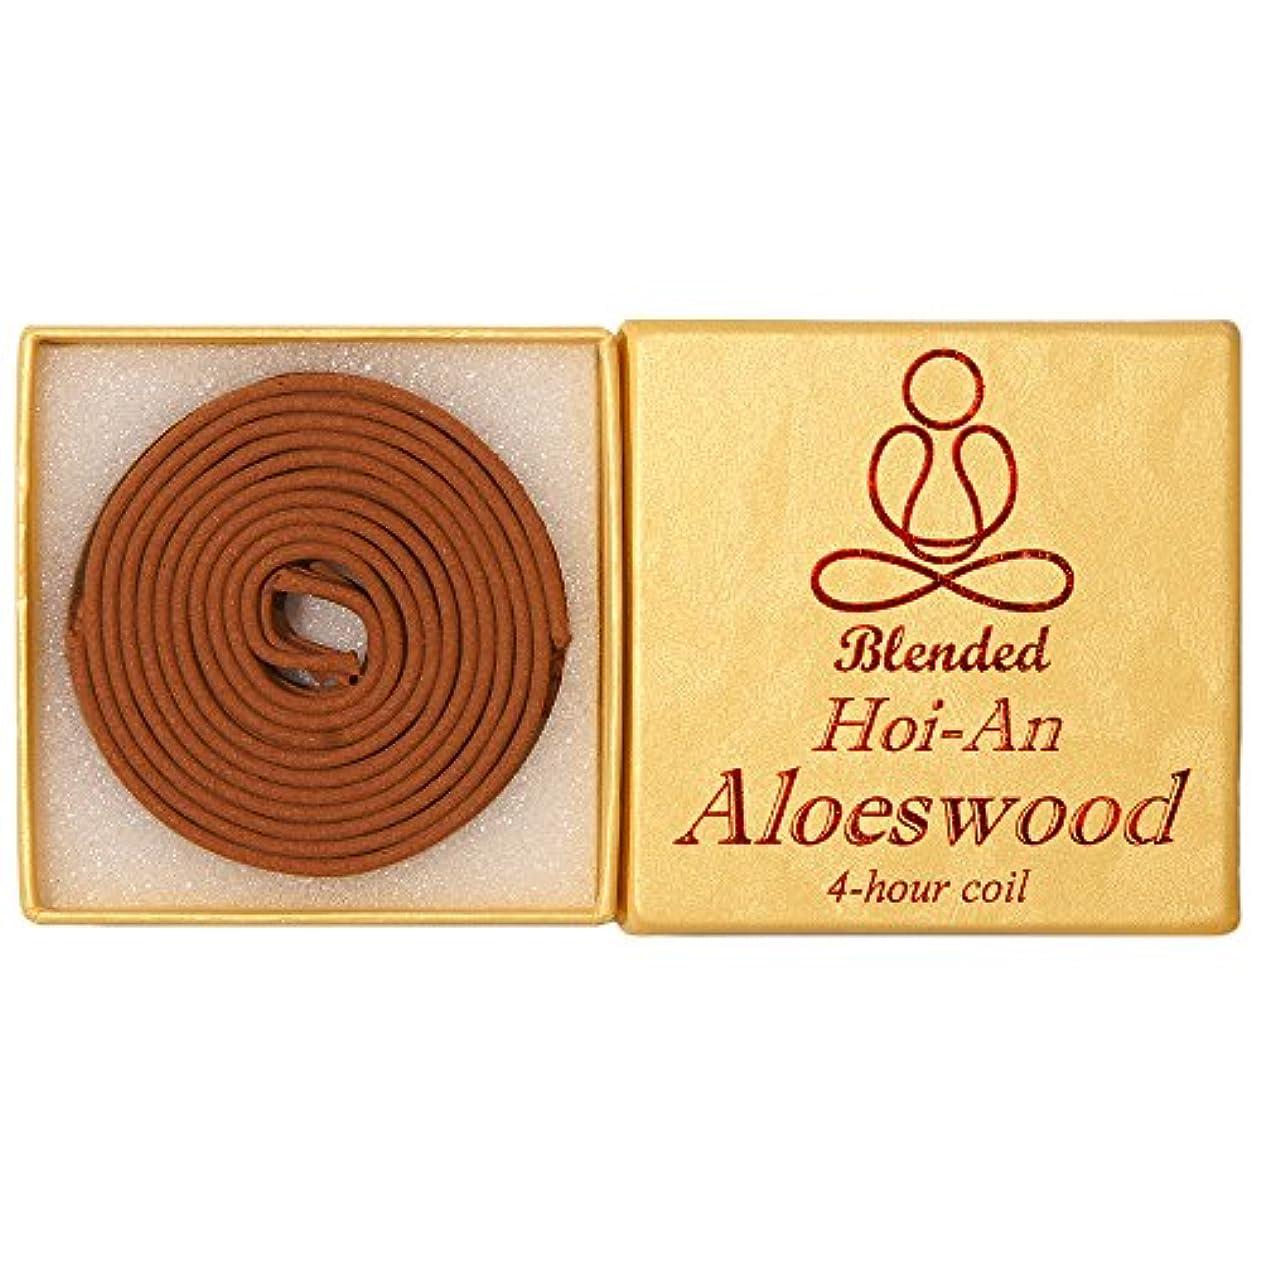 ウィスキードラムレシピBlended Hoi-An Aloeswood - 12 pieces 4-hour Coil - 100% natural - GHC152T